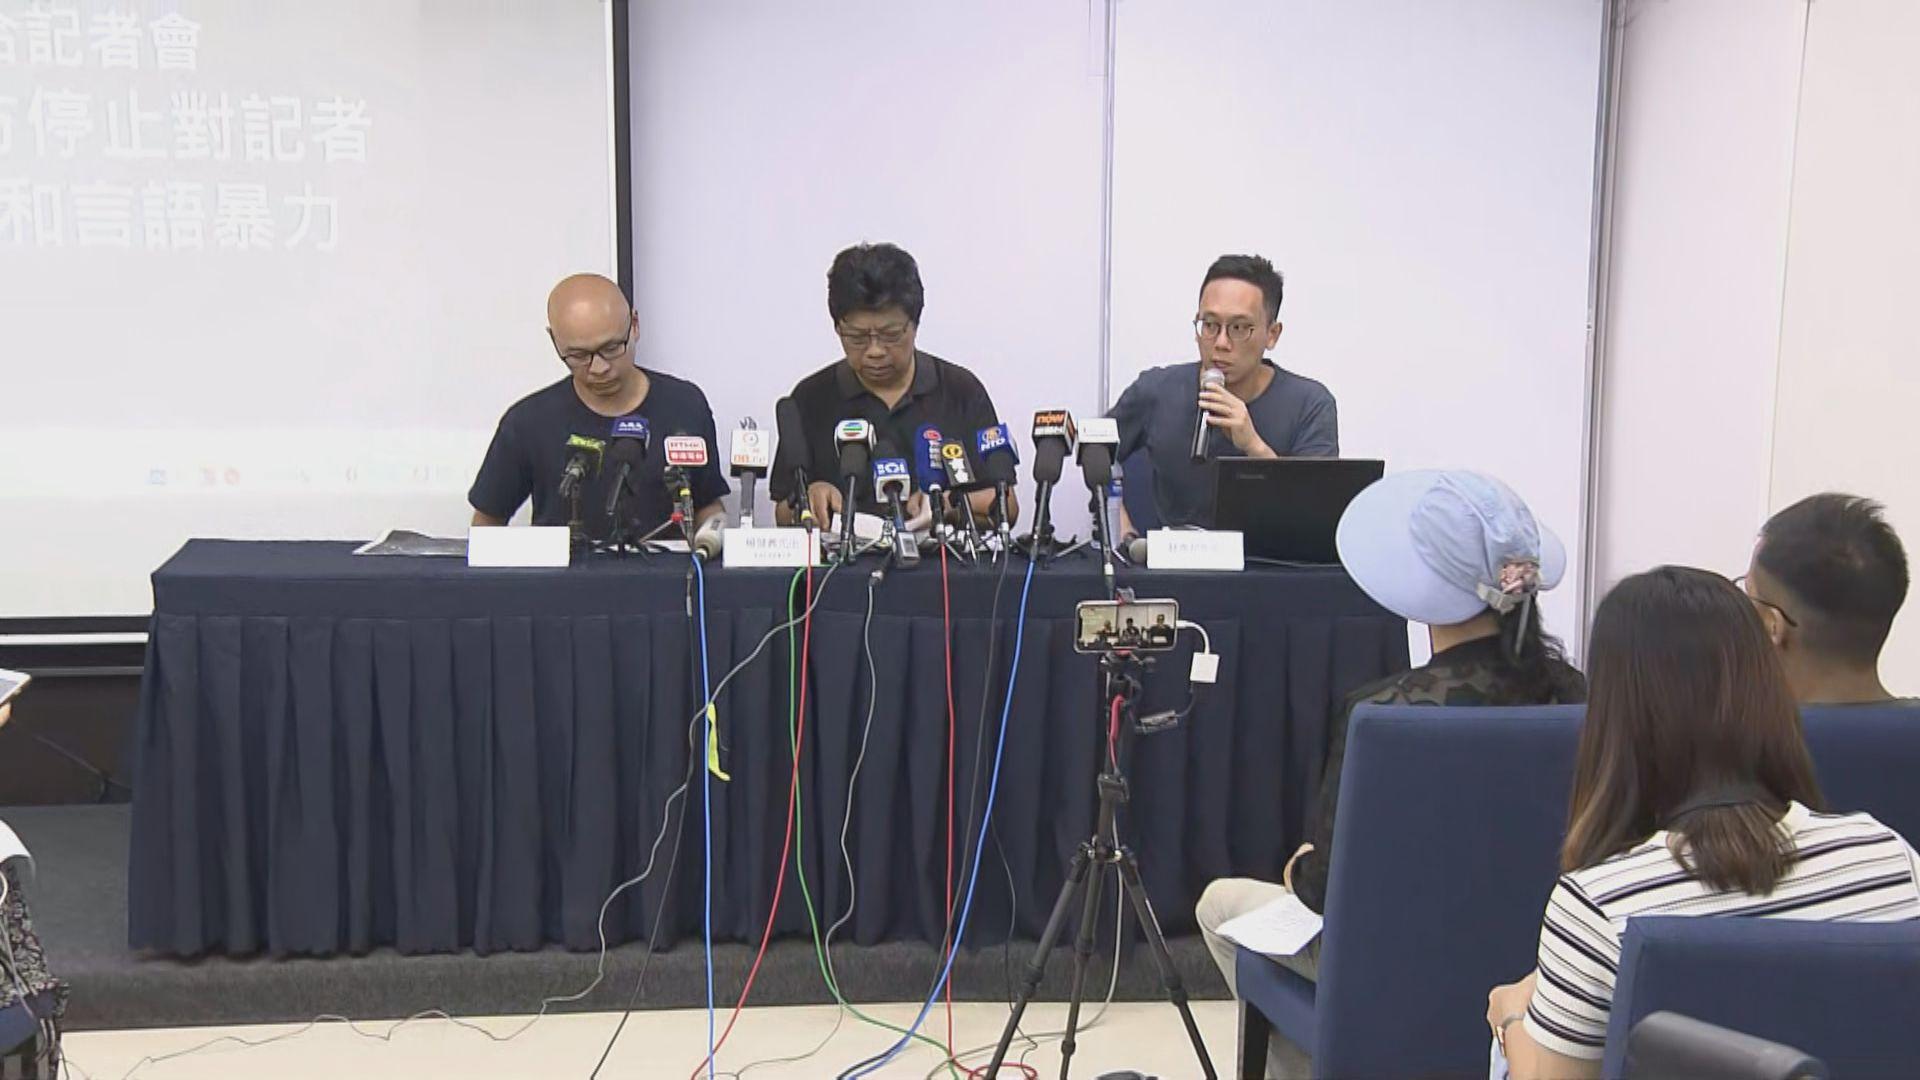 記協指警方企圖合理化警員針對記者行為